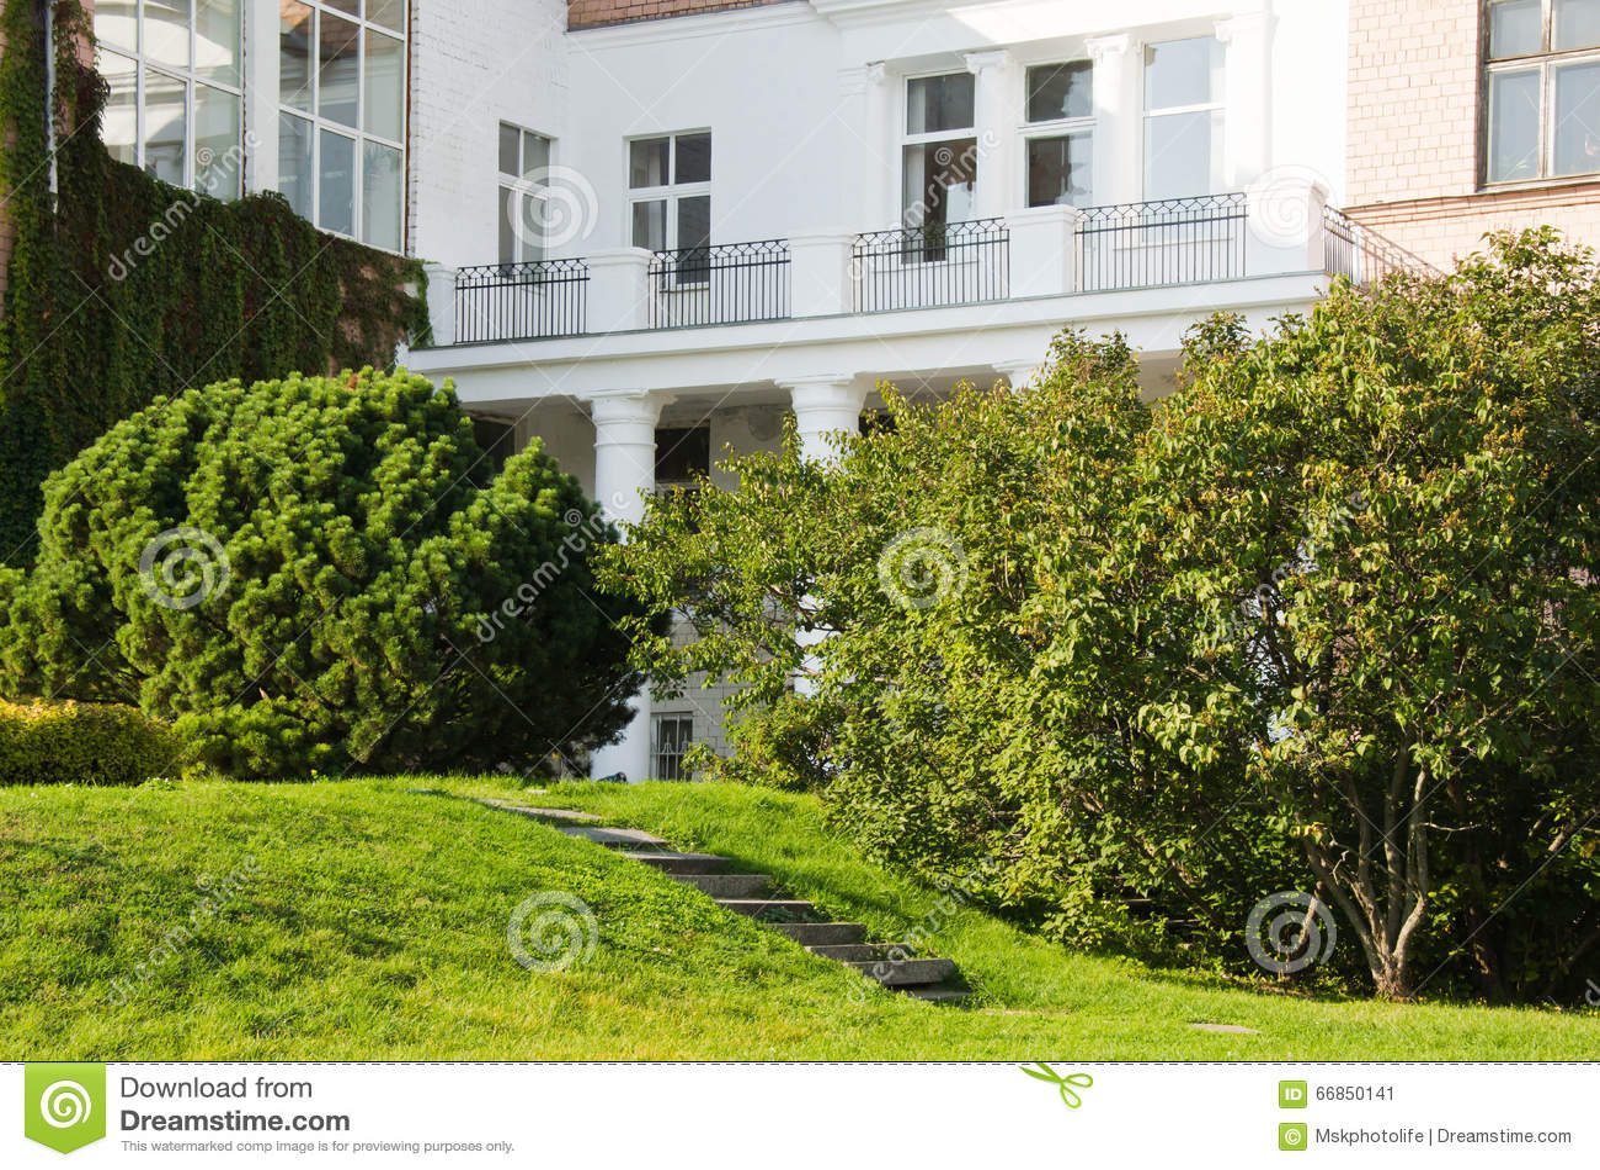 Facciata di una casa di campagna con un balcone fotografia - Facciata di una casa ...